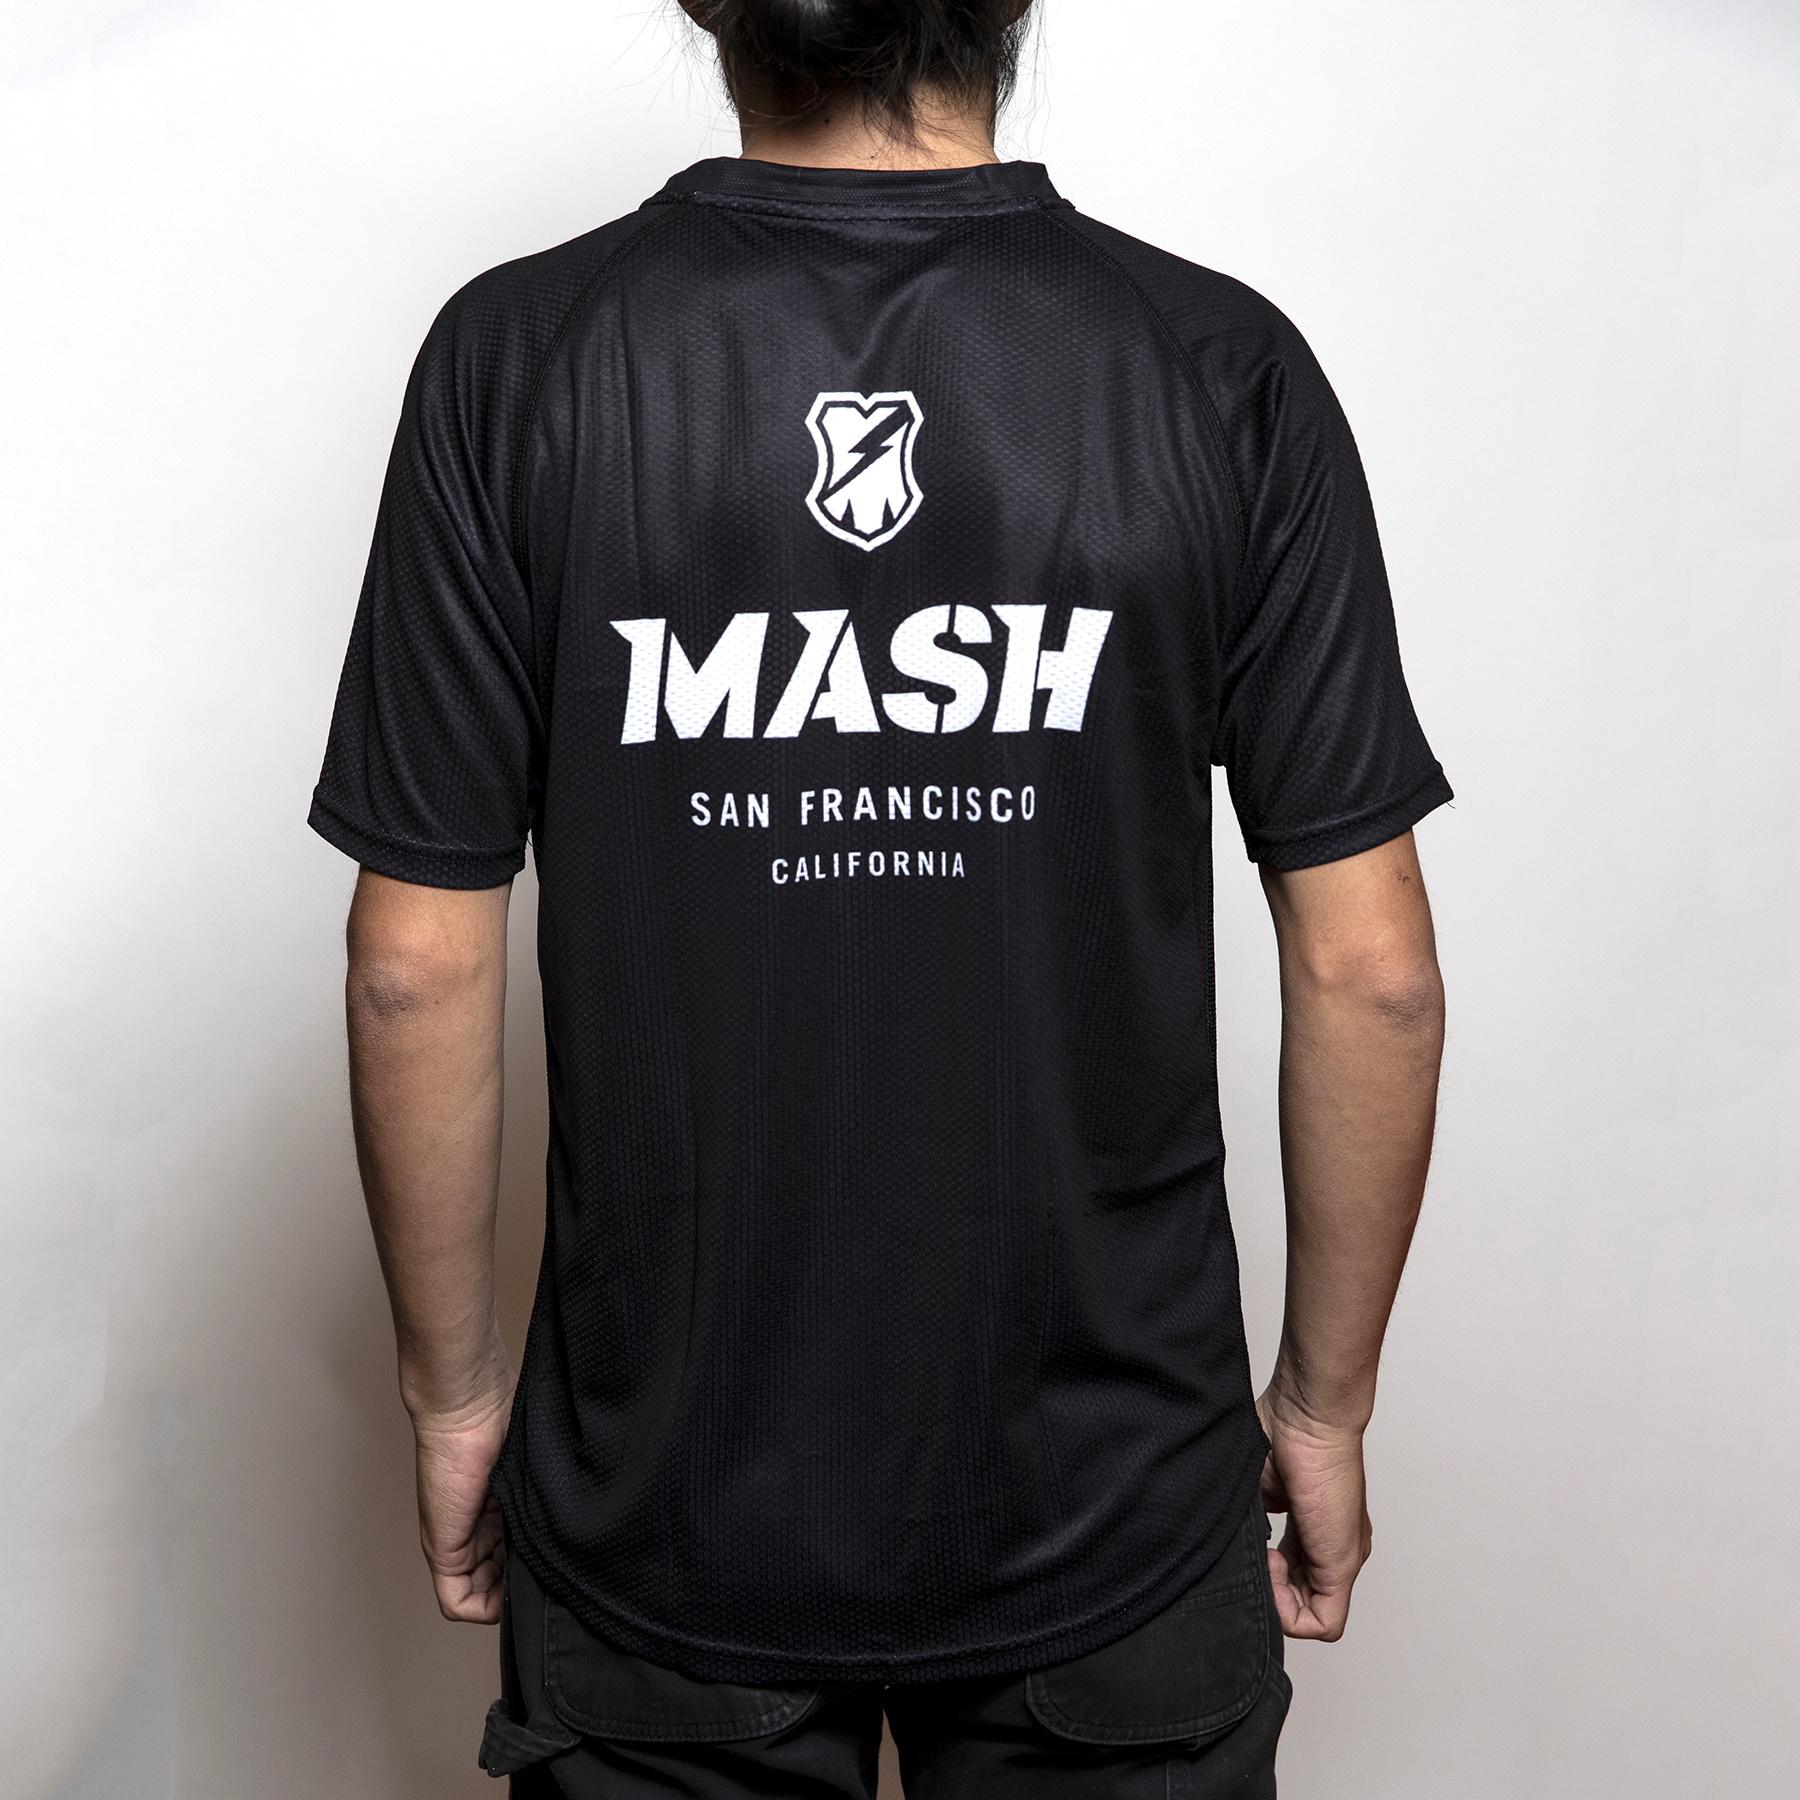 MASH Shop Jersey S/S Black